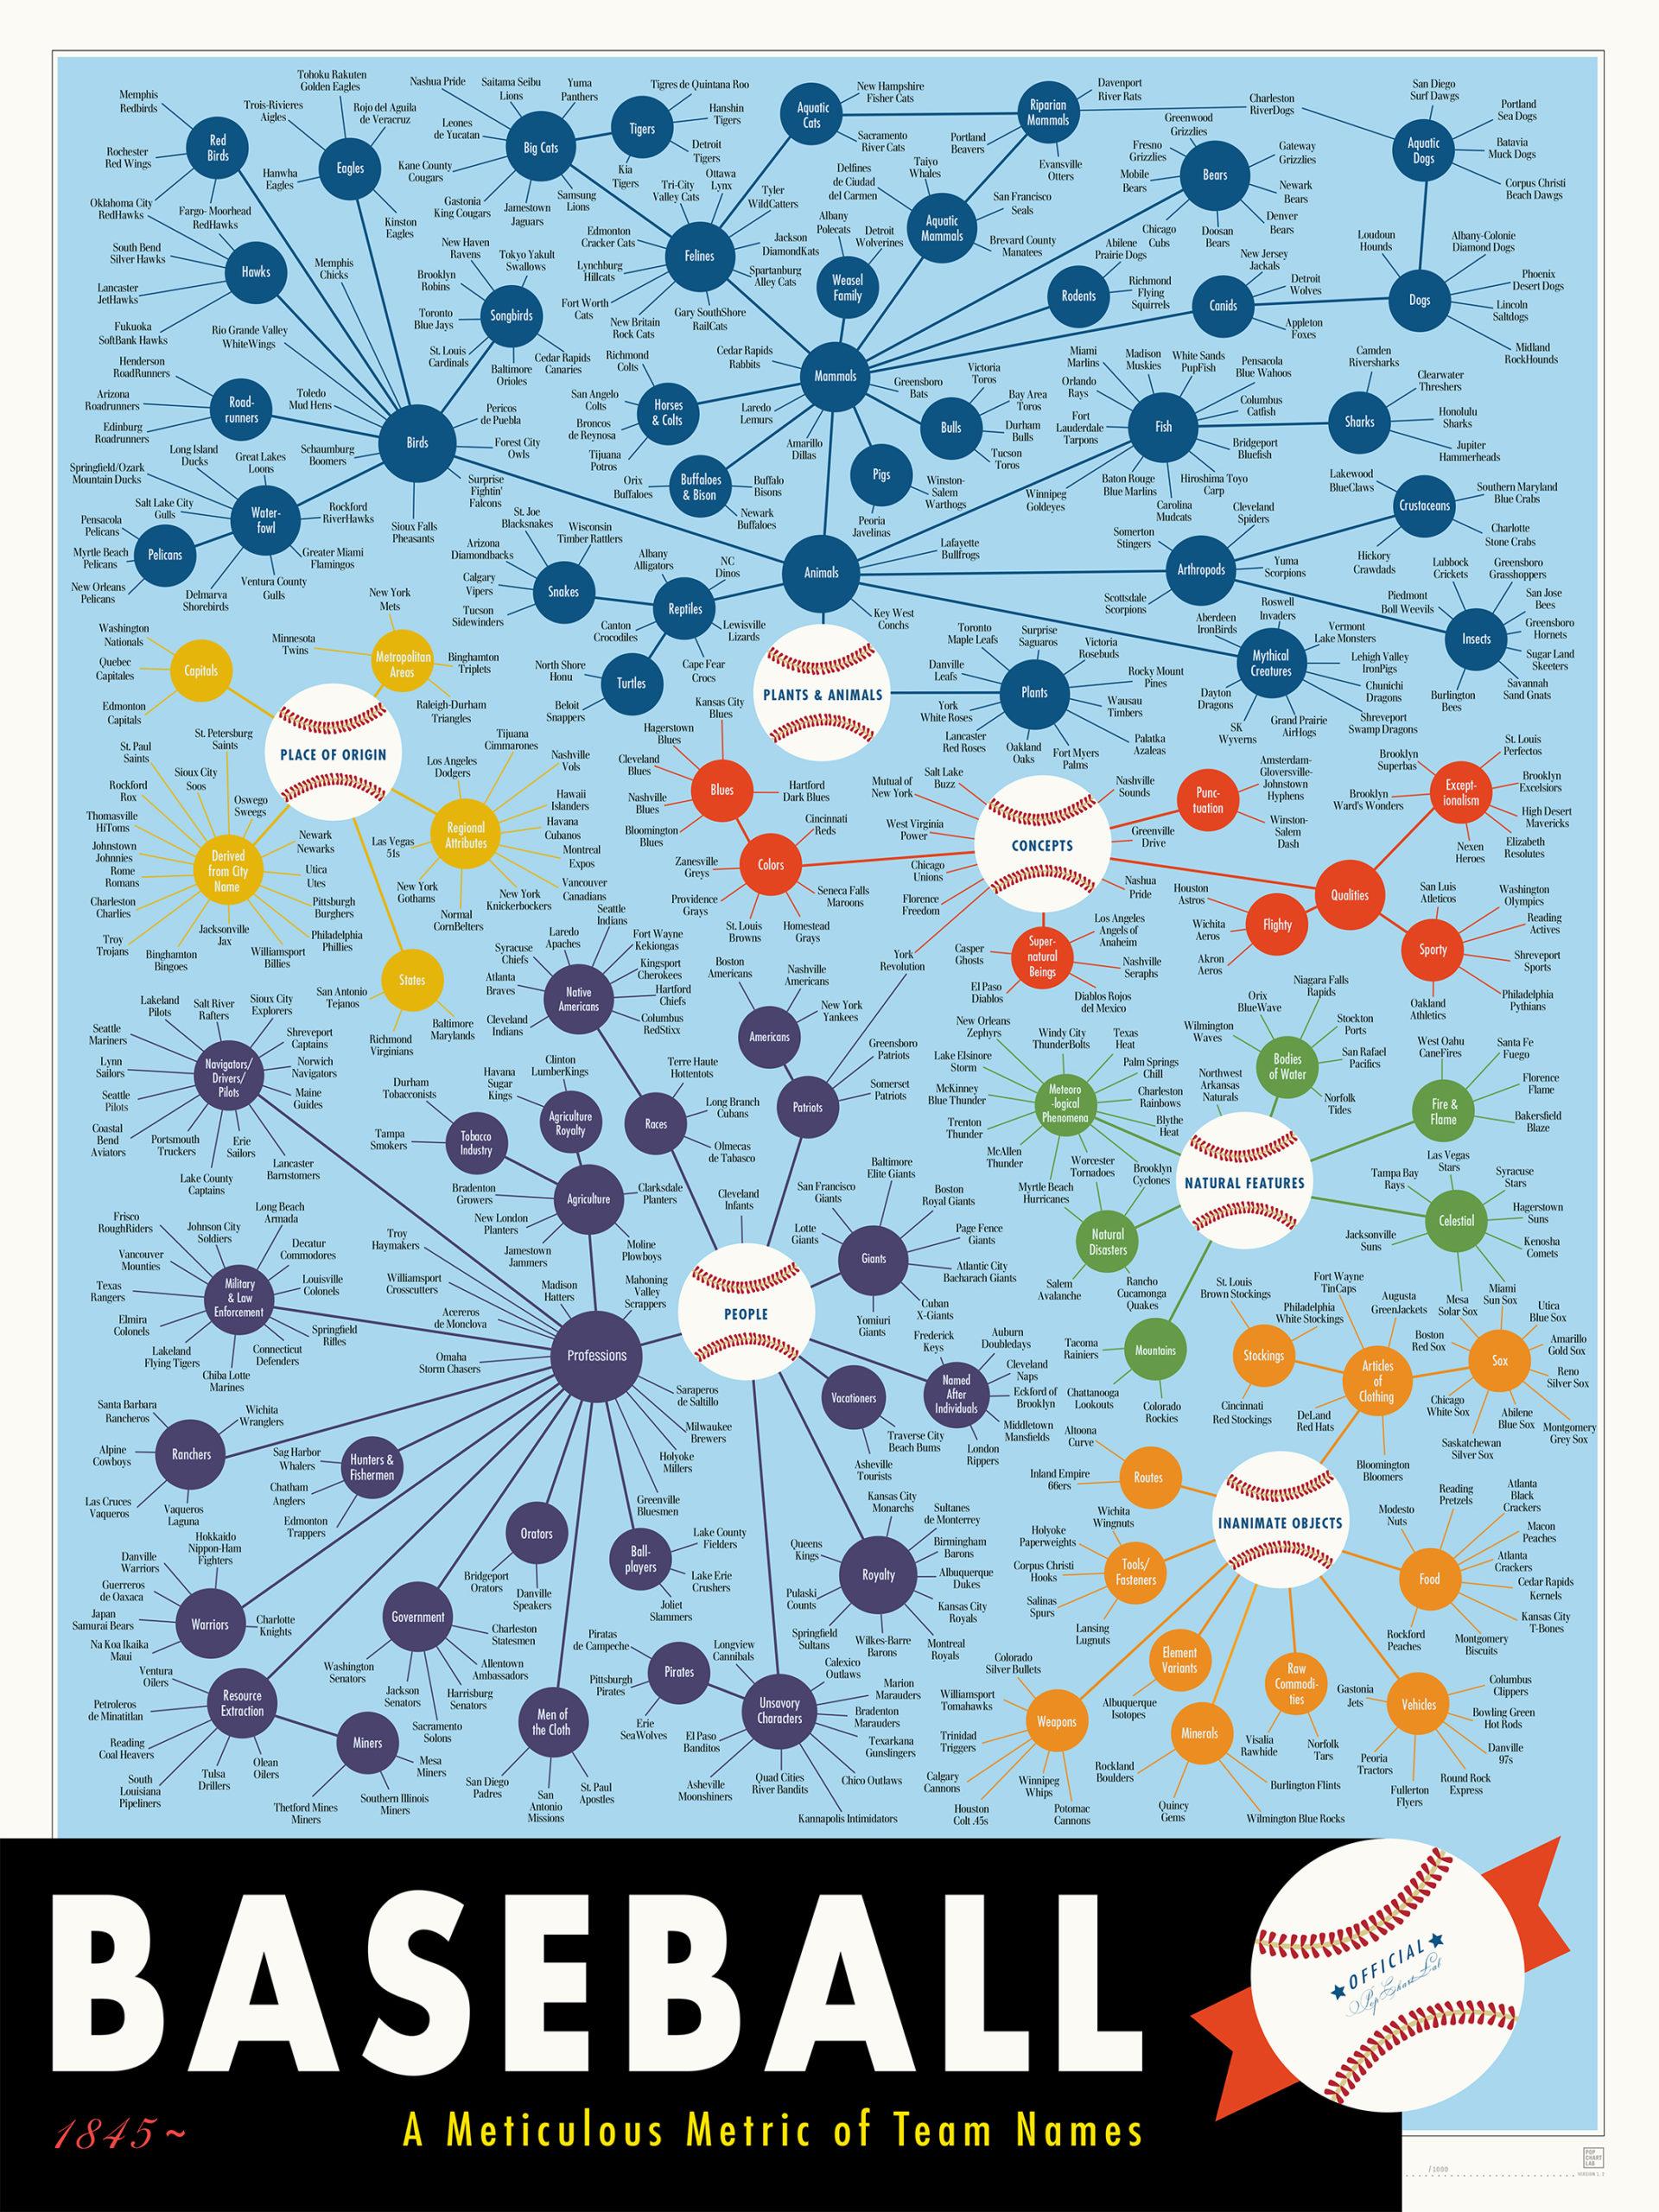 世界のプロ野球チーム名の元ネタ